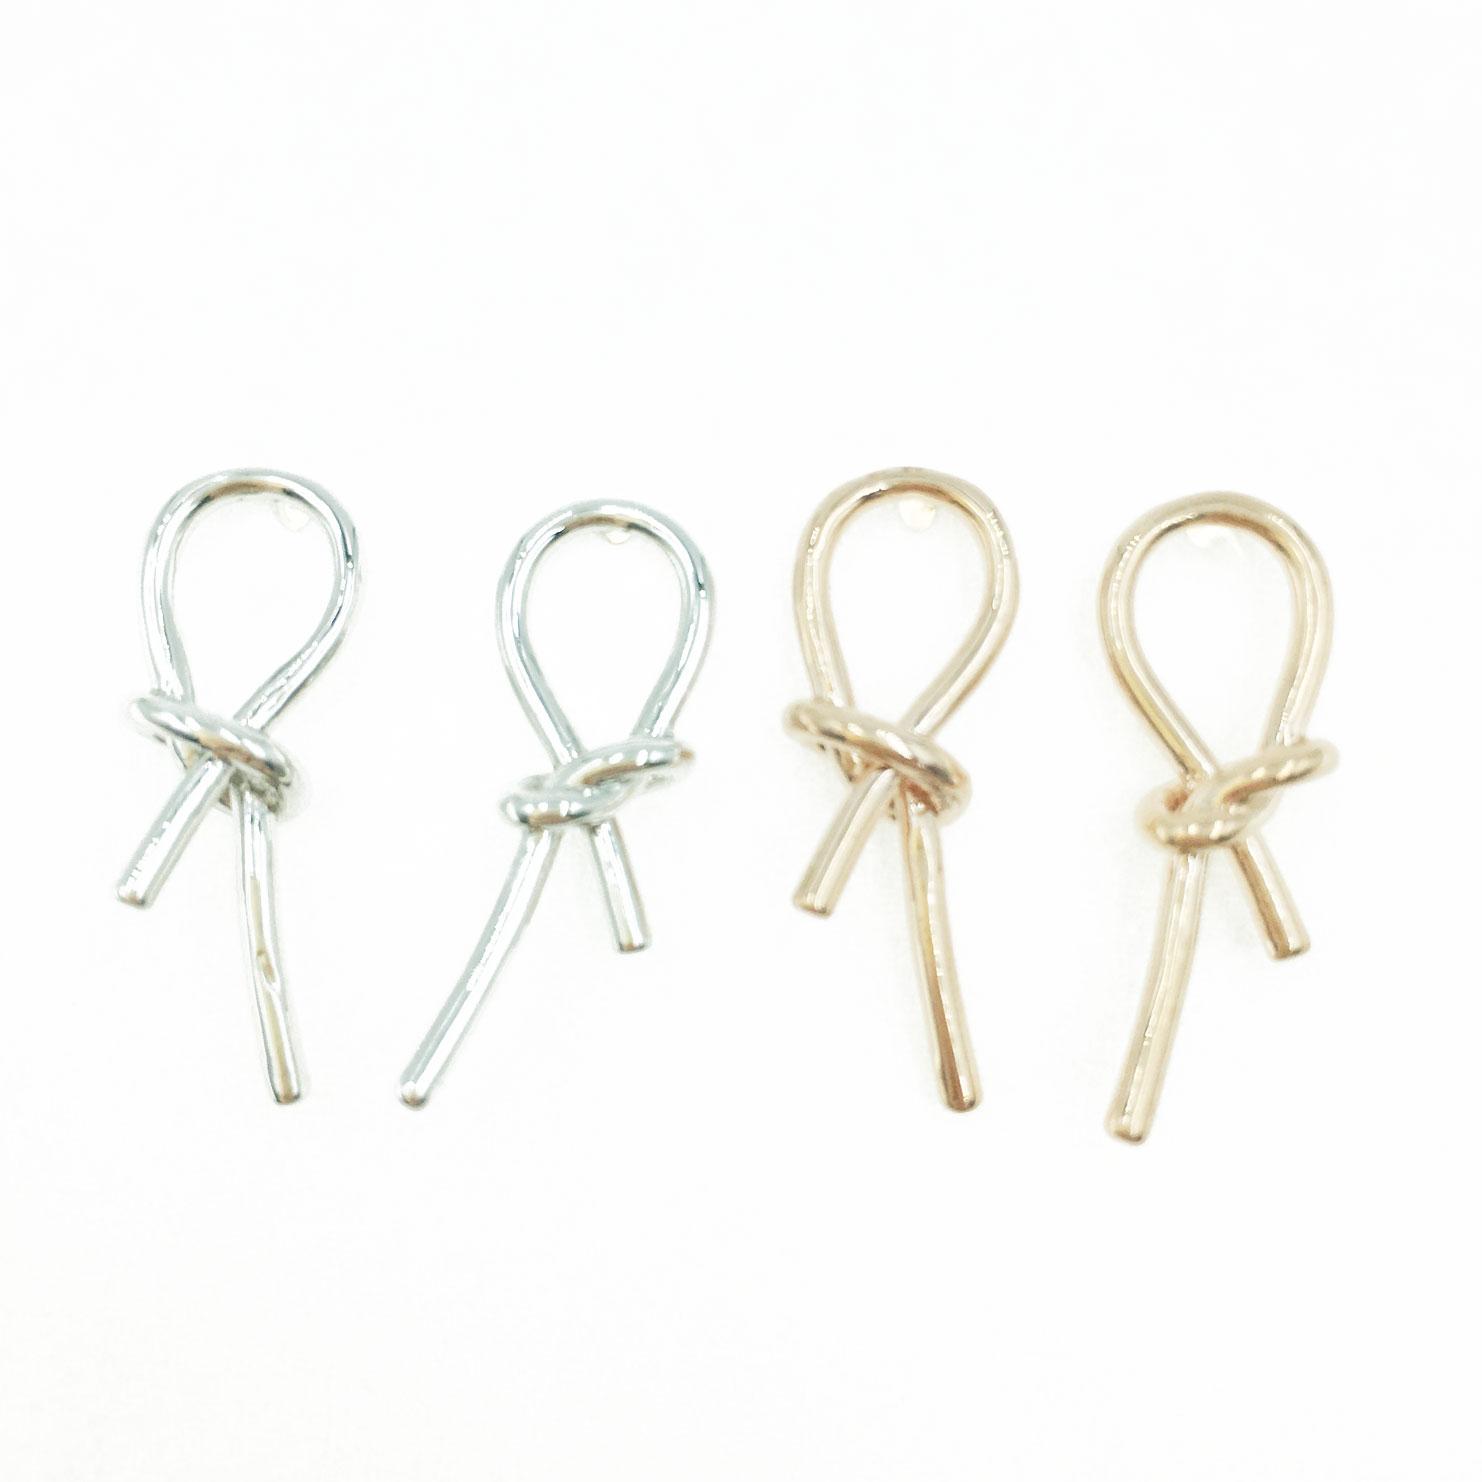 韓國 925純銀 打結 造型 銀 玫瑰金 明星款飾品 耳針式耳環